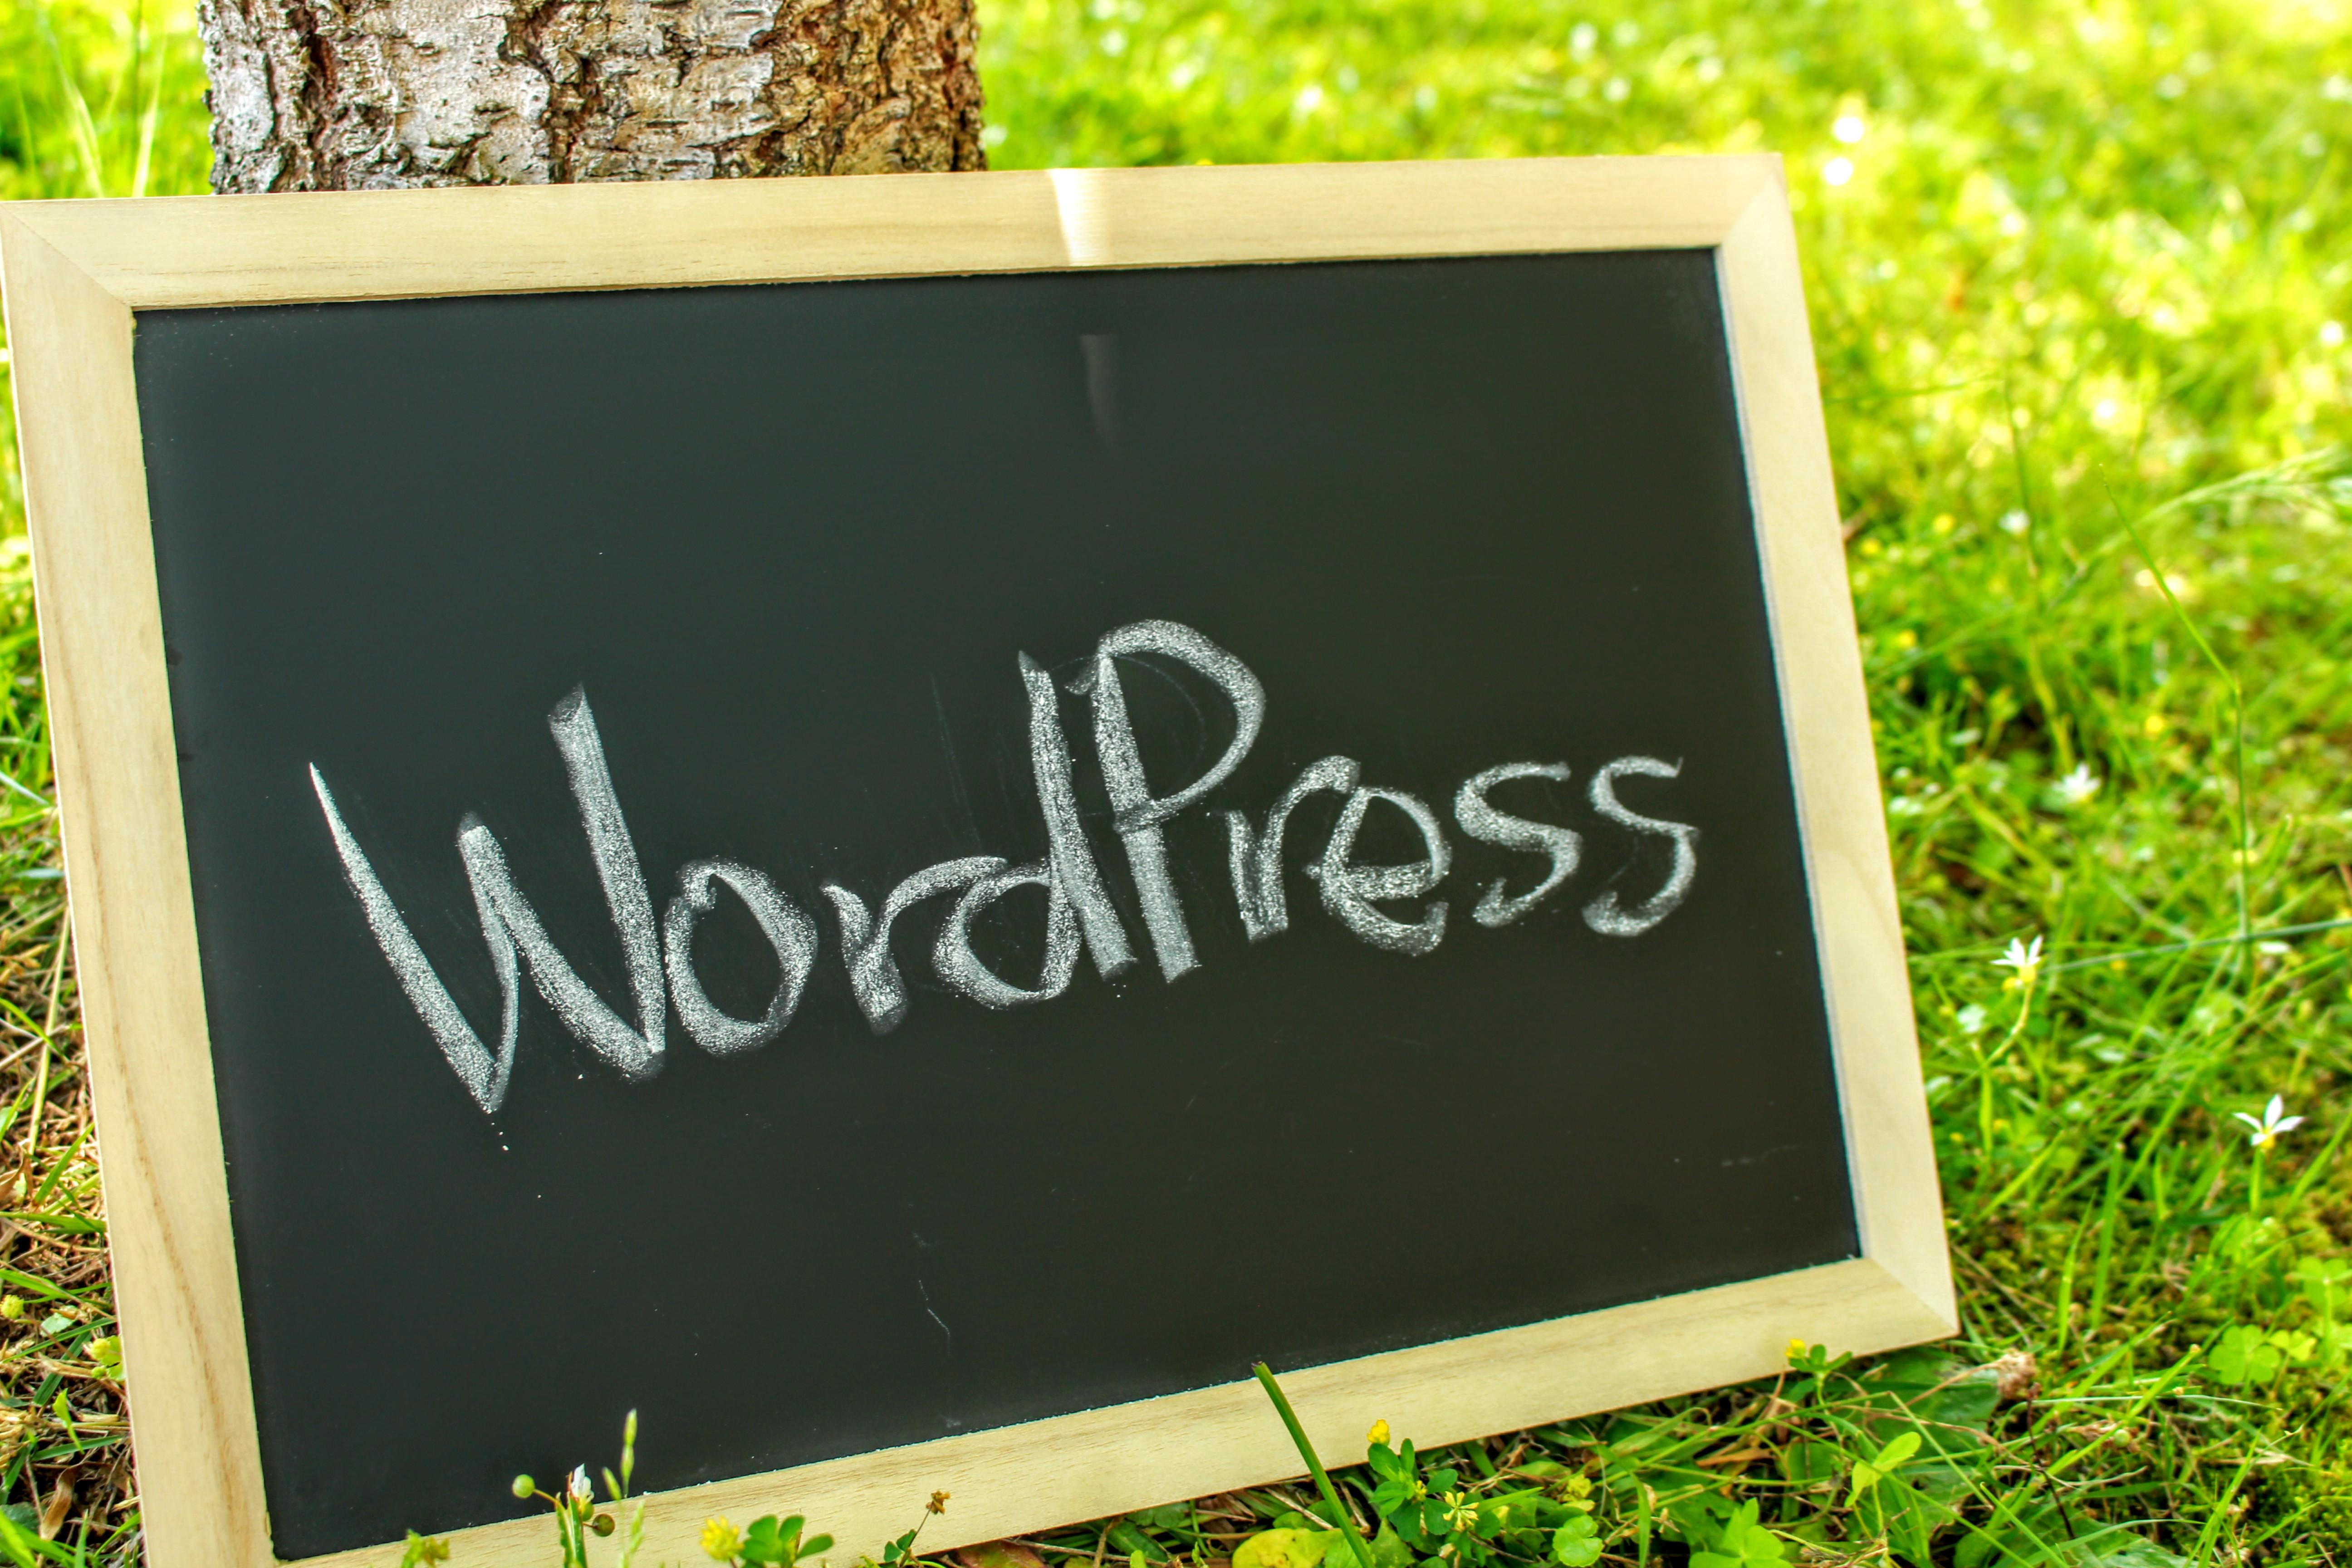 WordPressを使います